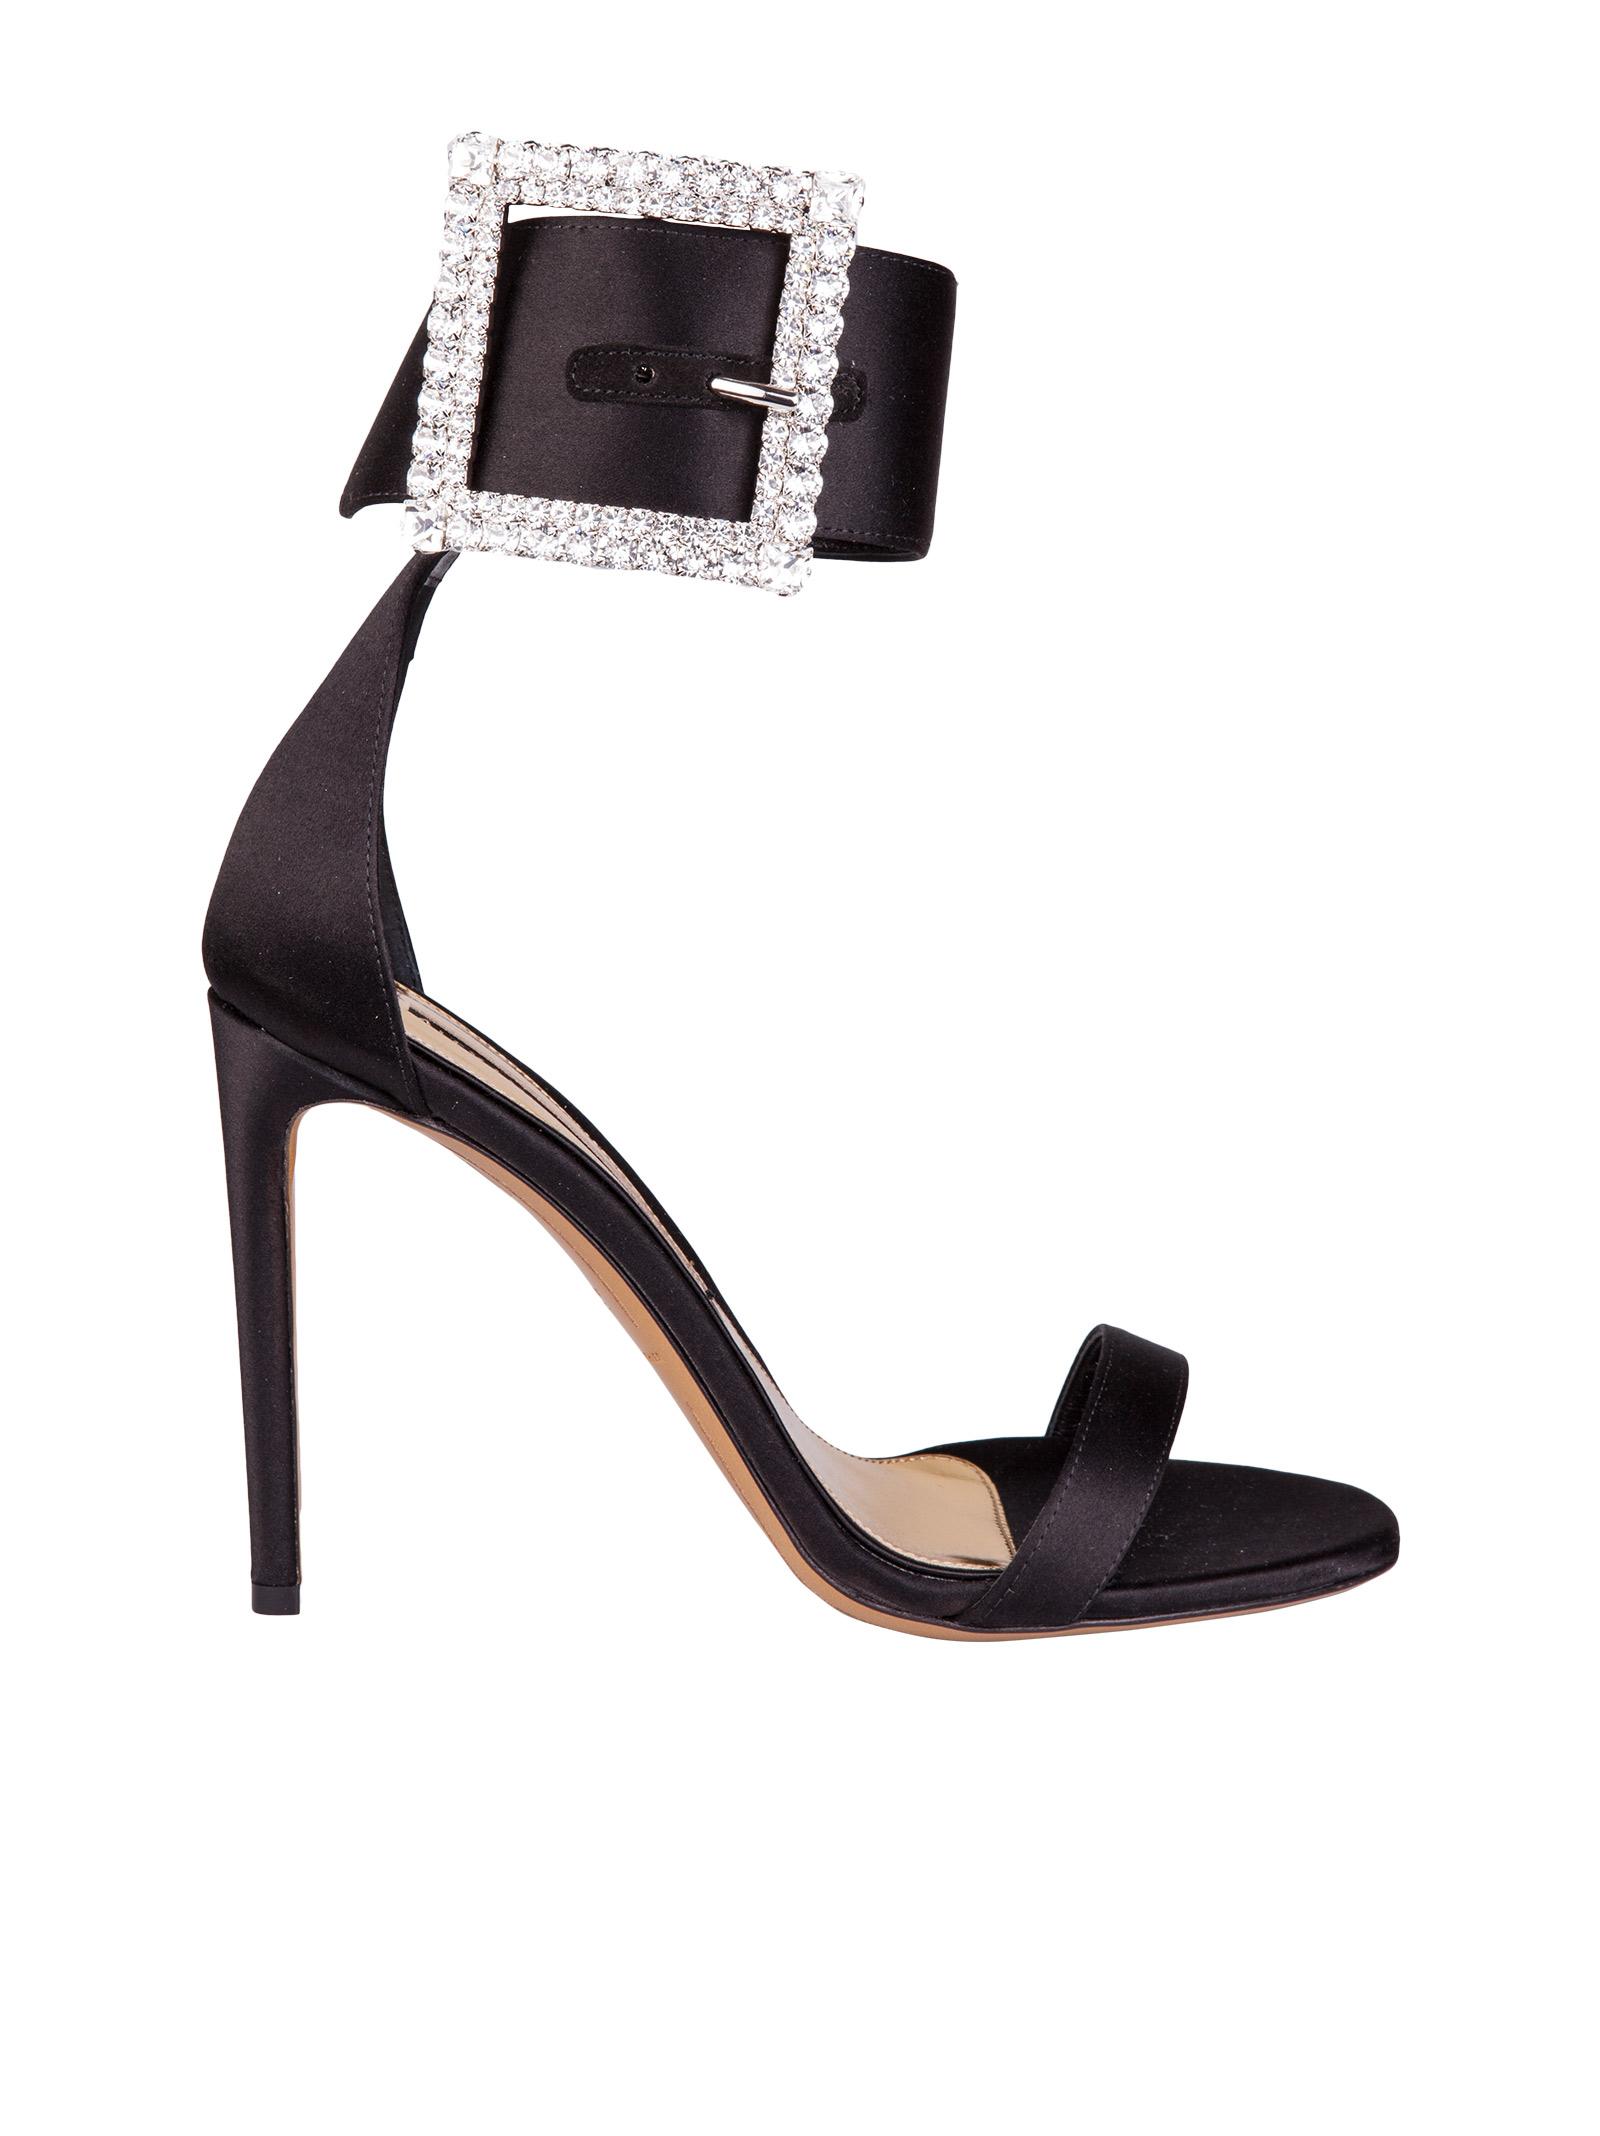 Alexandre Vauthier sandals